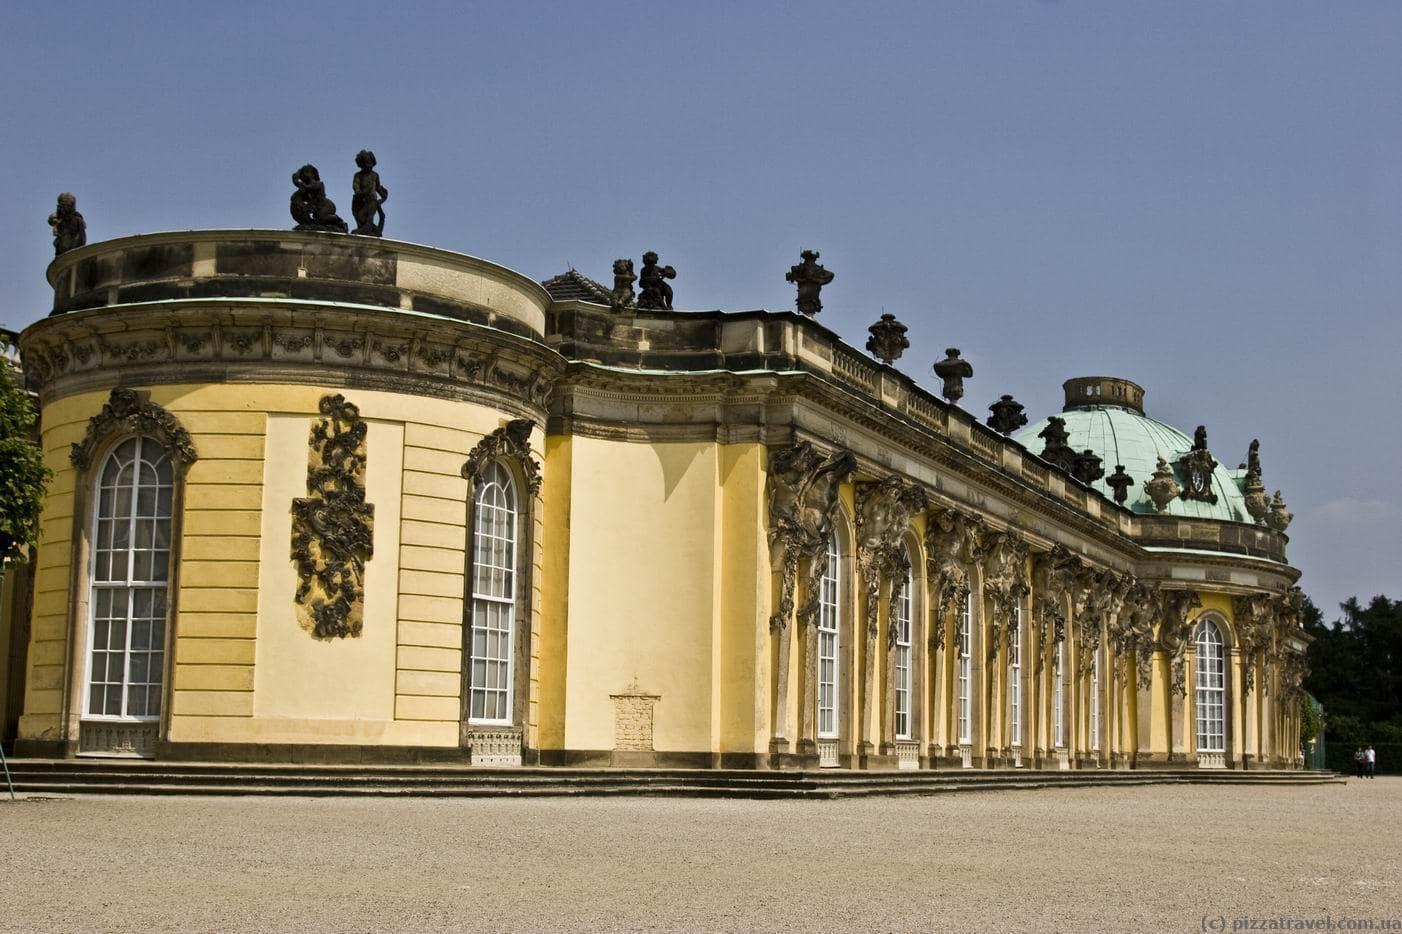 بنا های دیدنی و باغ دیدنی در آلمان